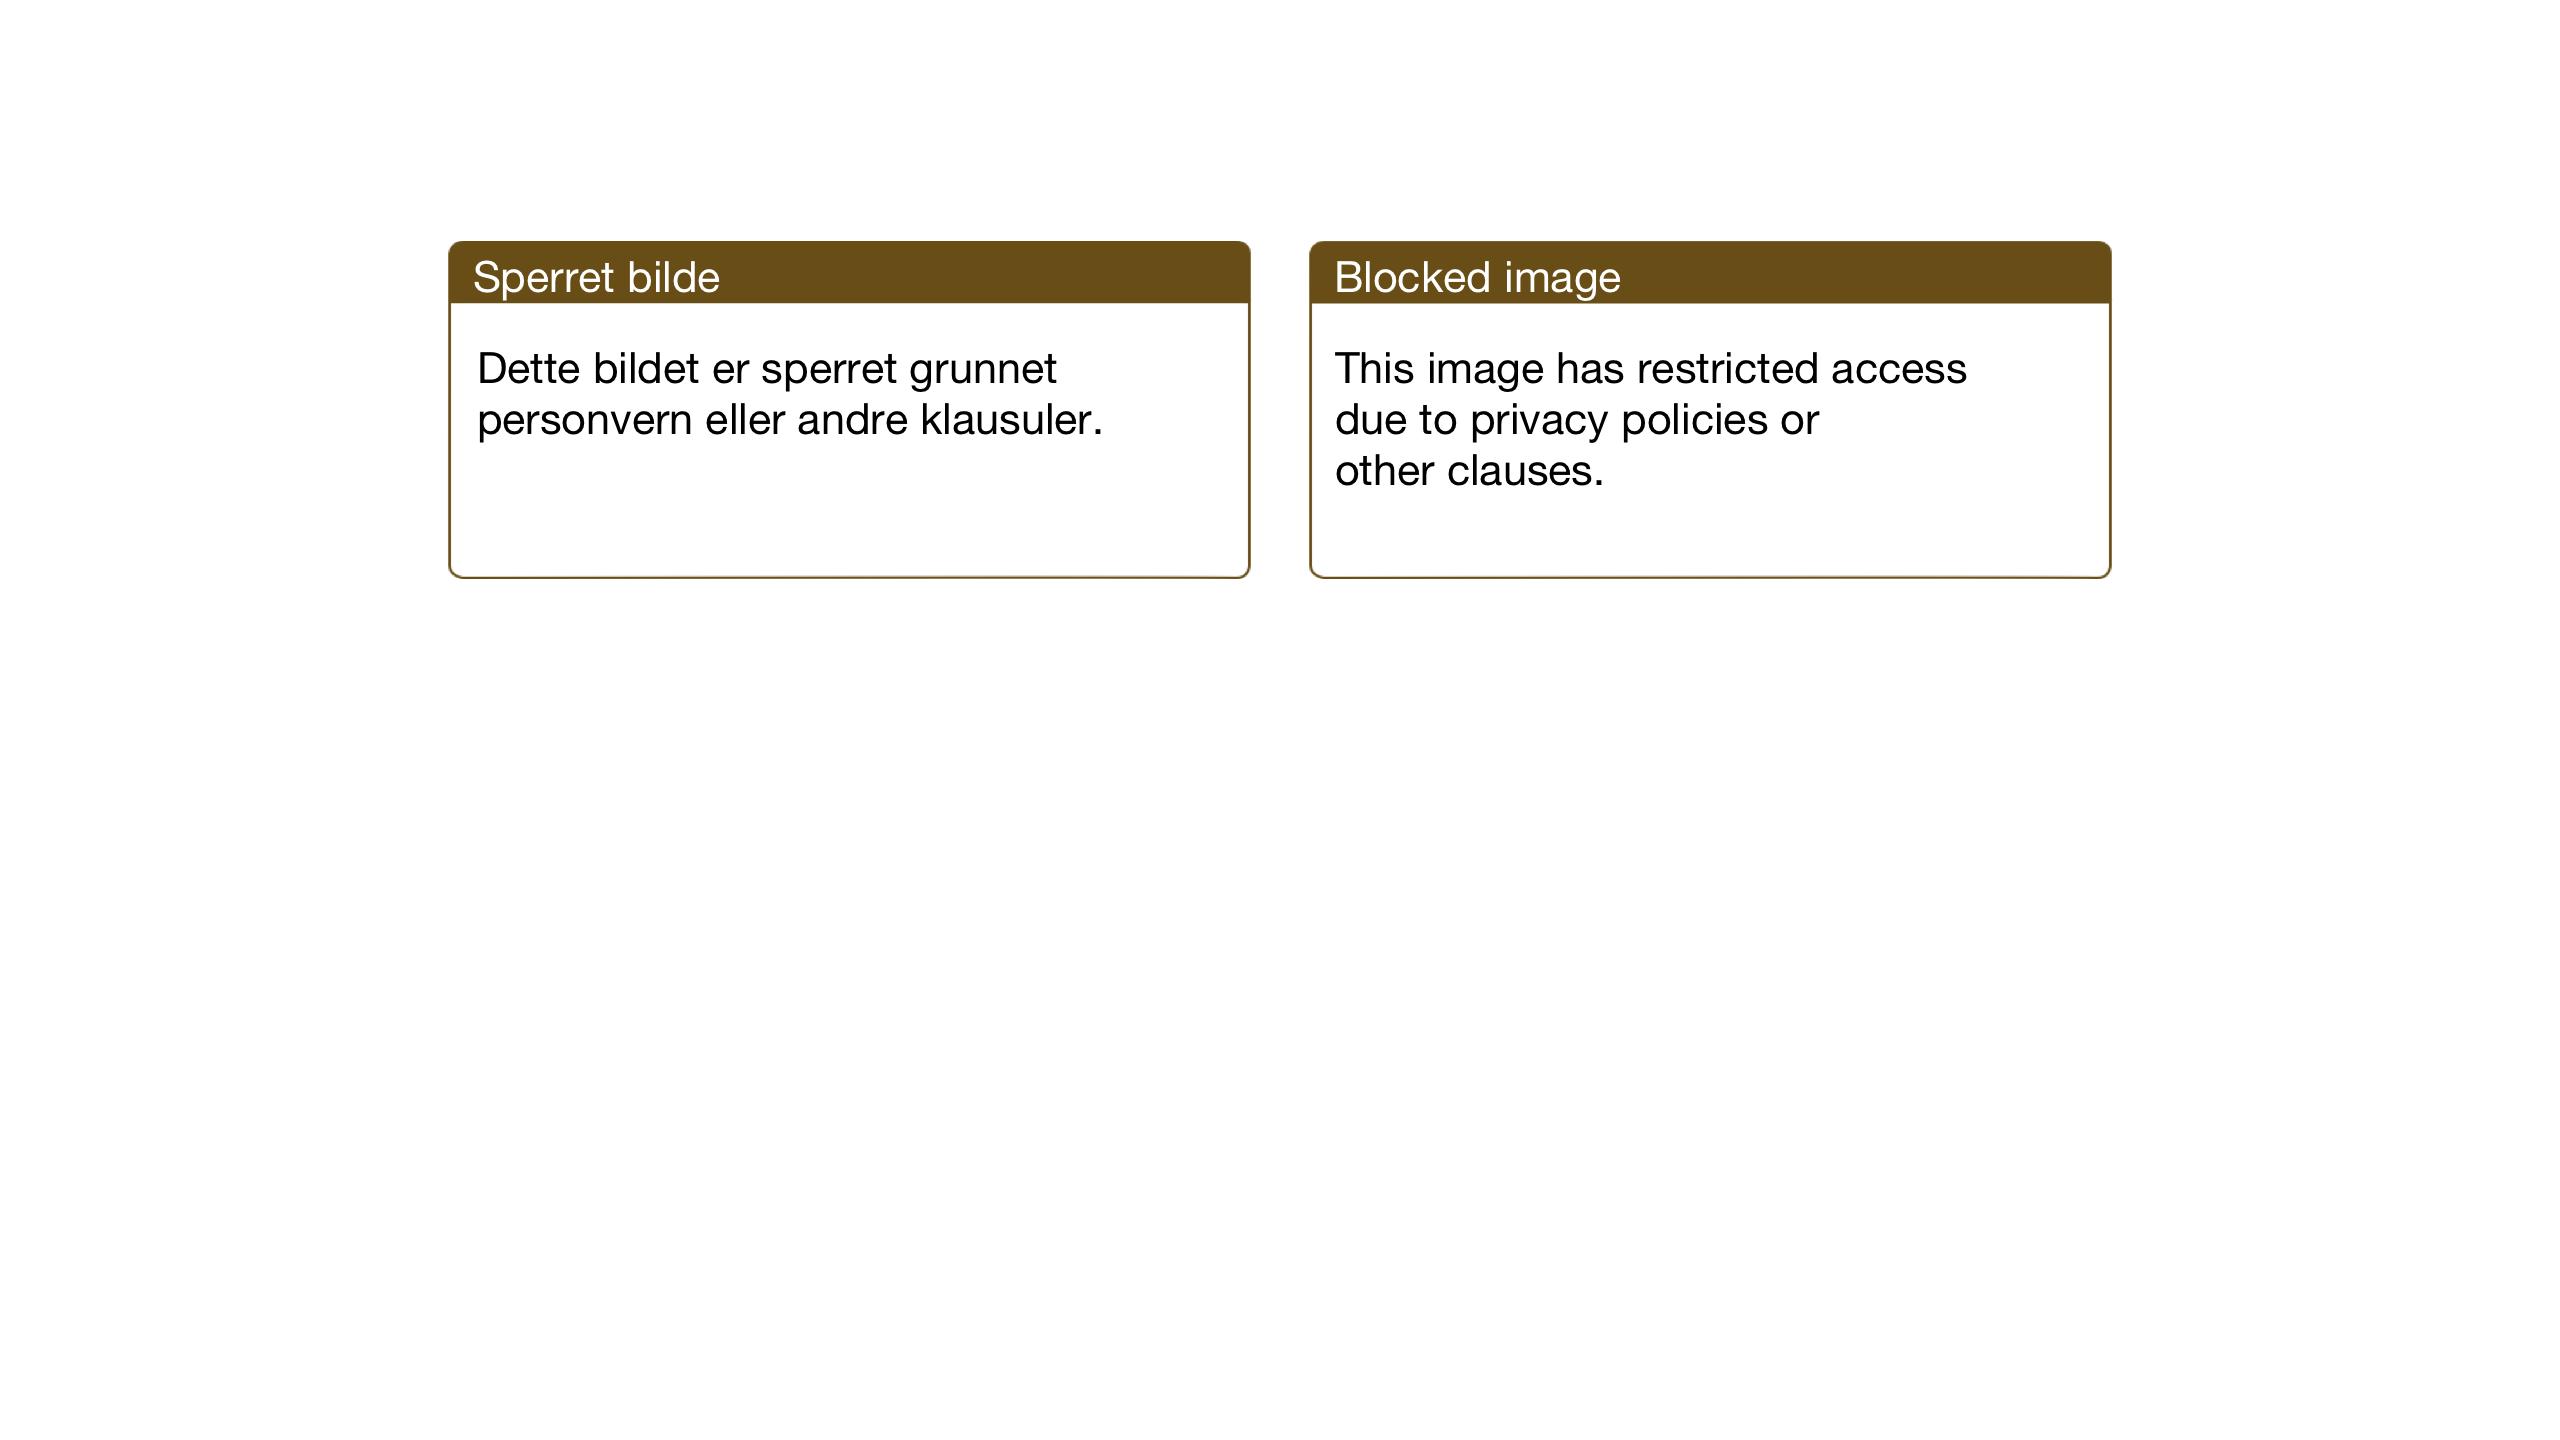 SAT, Ministerialprotokoller, klokkerbøker og fødselsregistre - Sør-Trøndelag, 608/L0343: Klokkerbok nr. 608C09, 1938-1952, s. 33